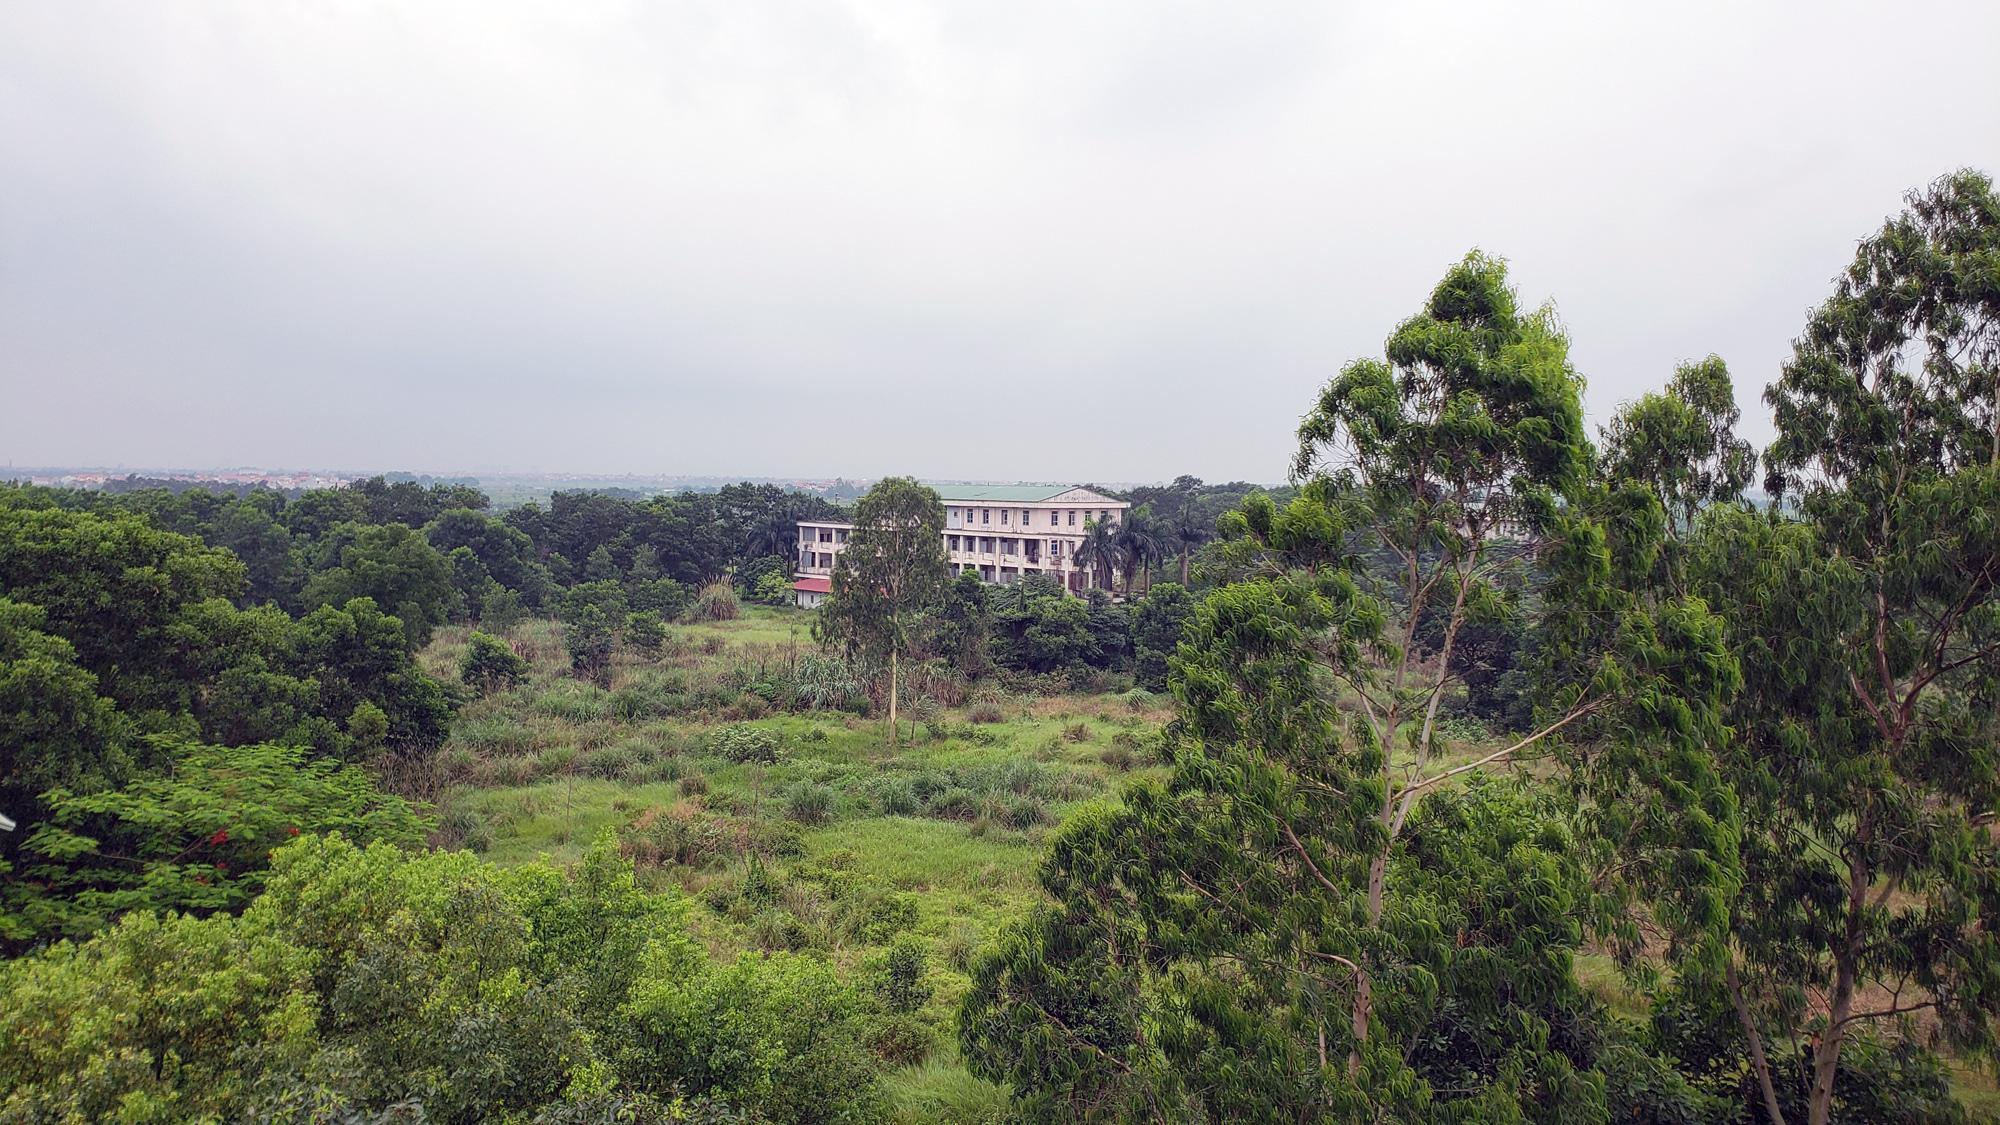 Hà Nội sửa xong bệnh viện bỏ hoang ở Mê Linh làm khu cách li chống dịch Covid-19 - Ảnh 2.